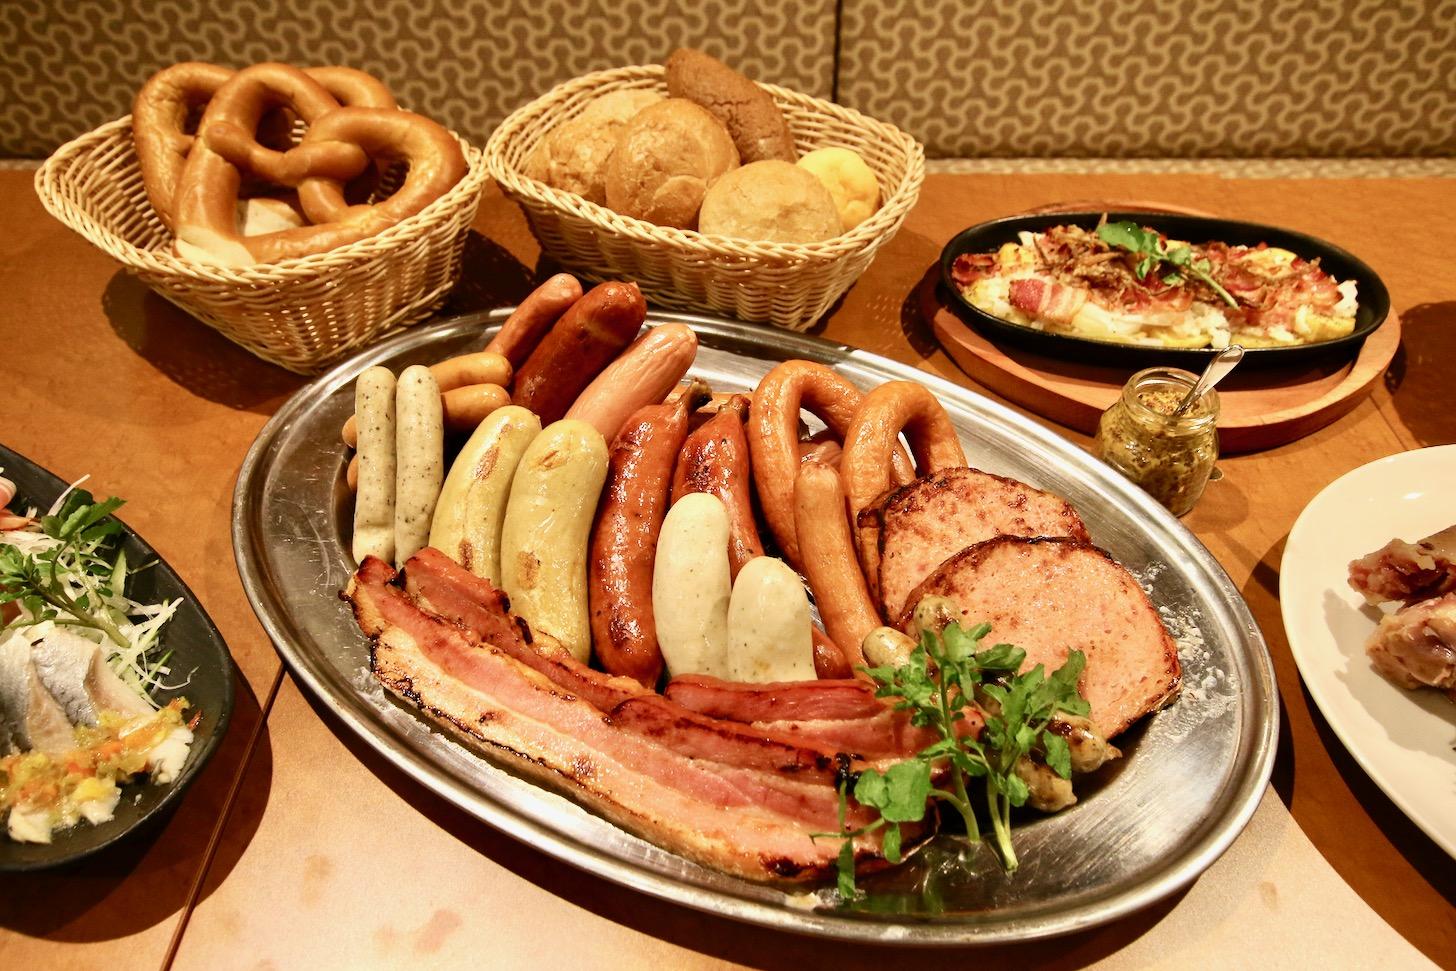 本場ドイツのソーセージをはじめ、本格ドイツの郷土料理や、ドイツパンも販売